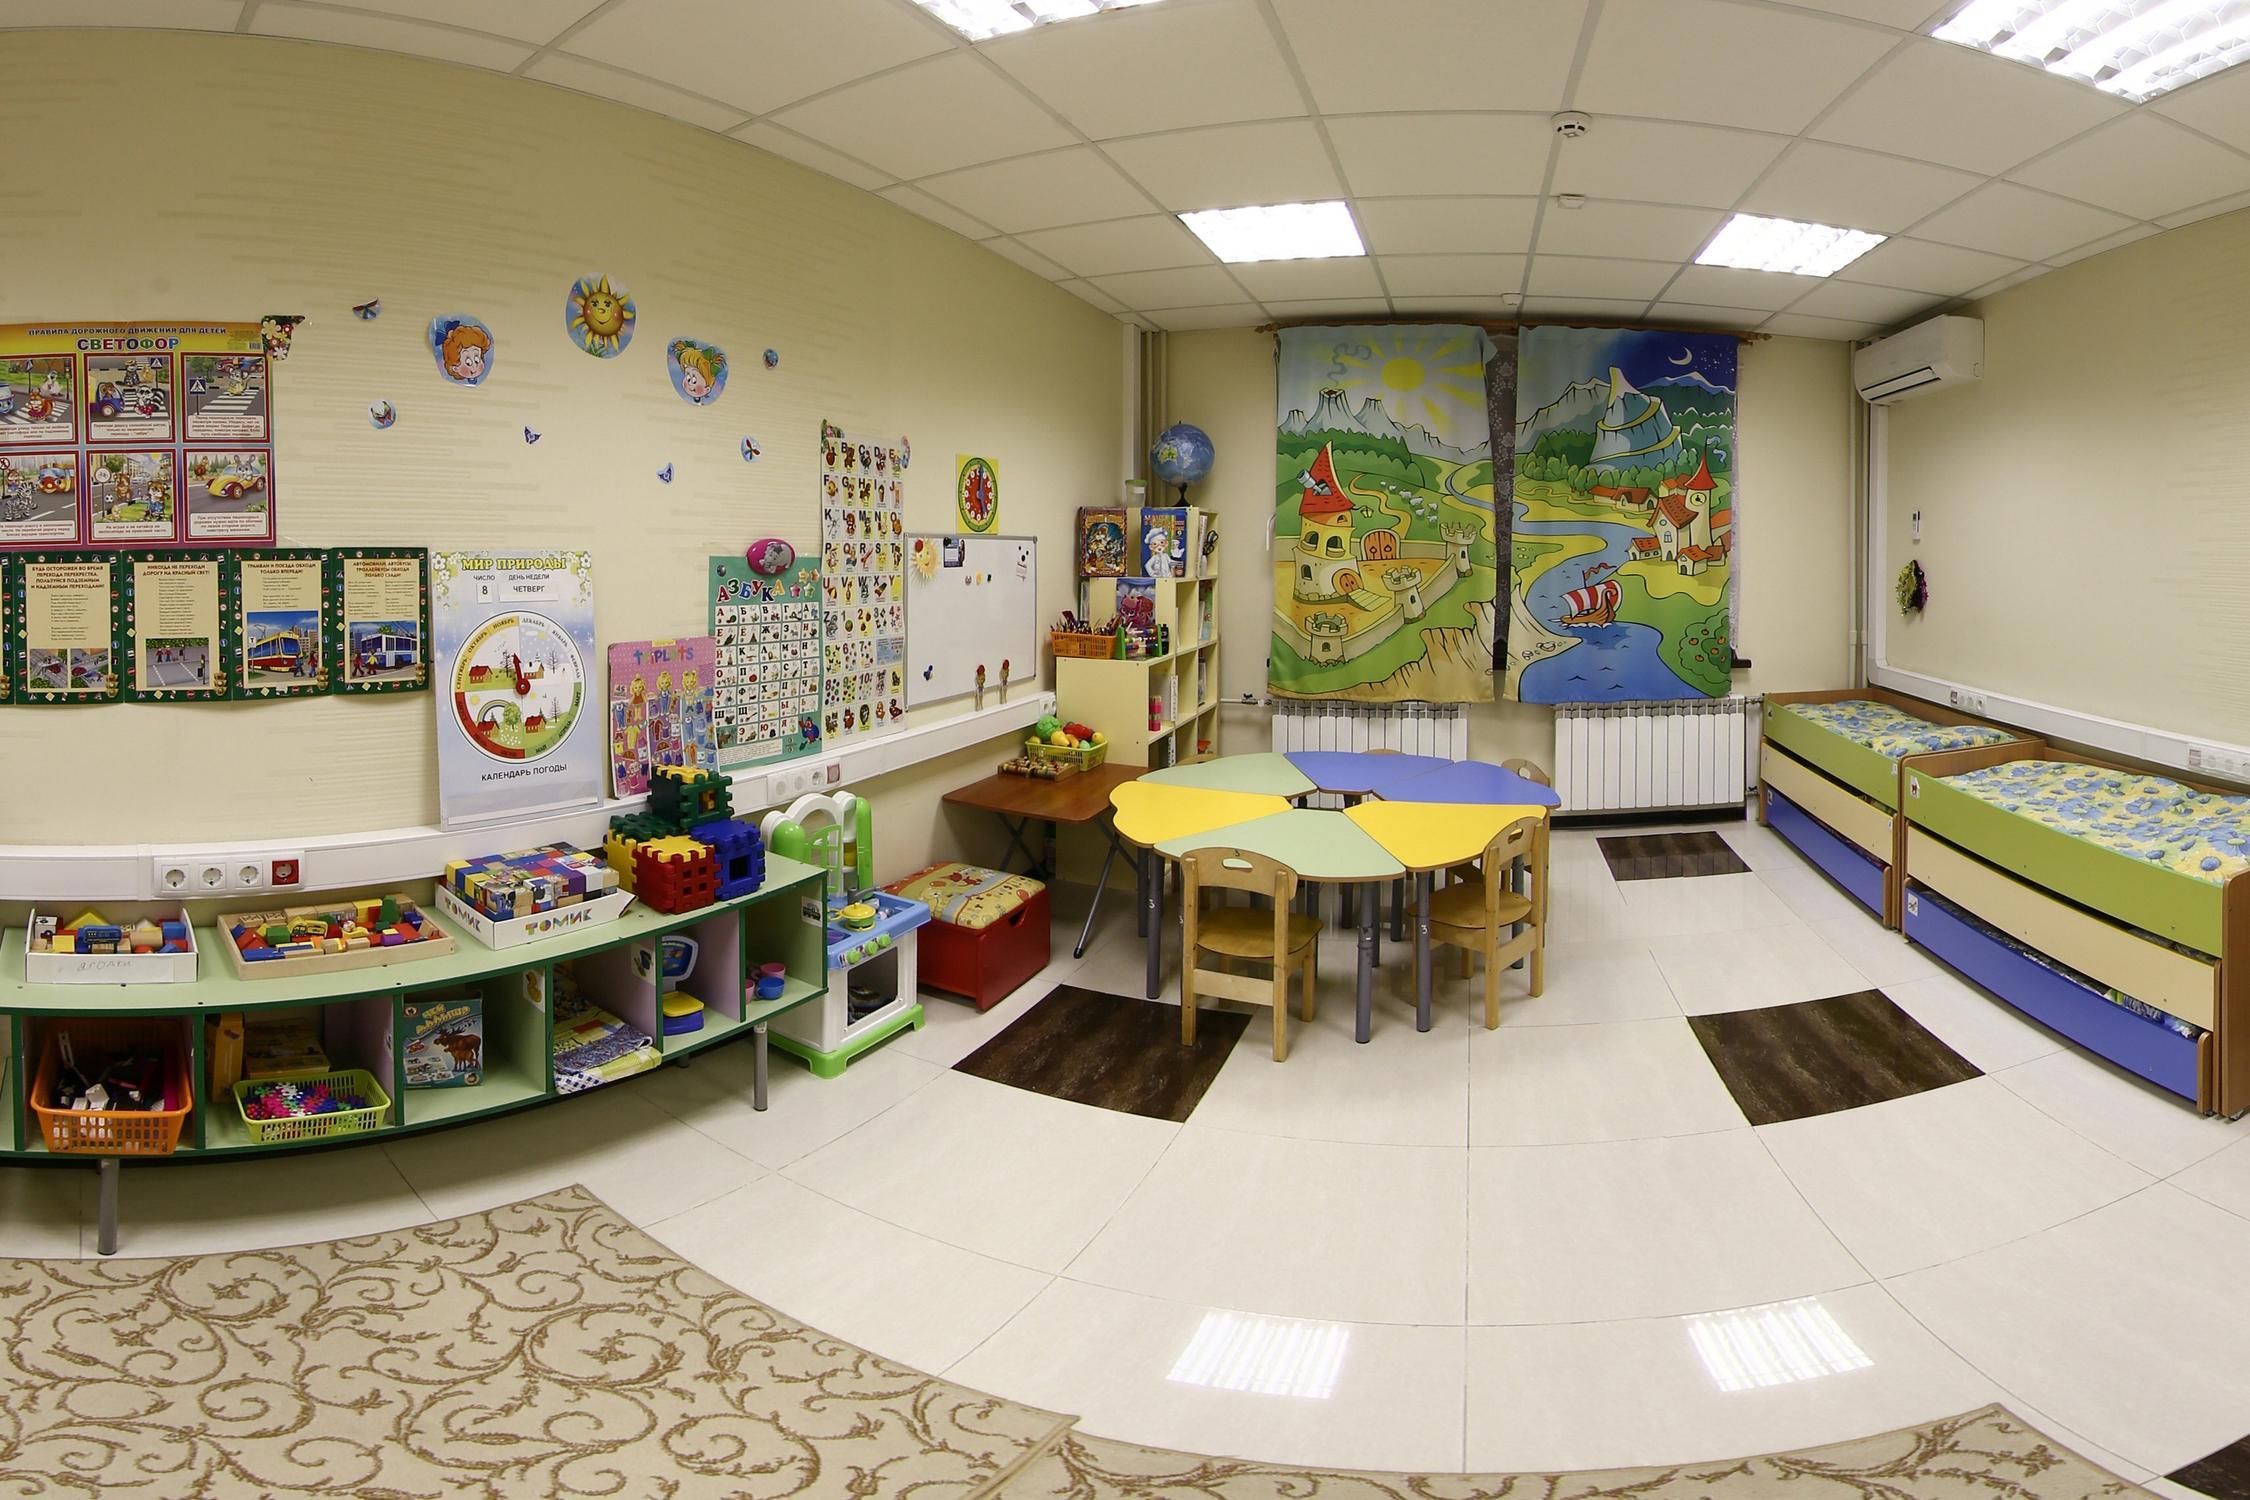 фотография Детского сада Доминошки на метро Коломенская